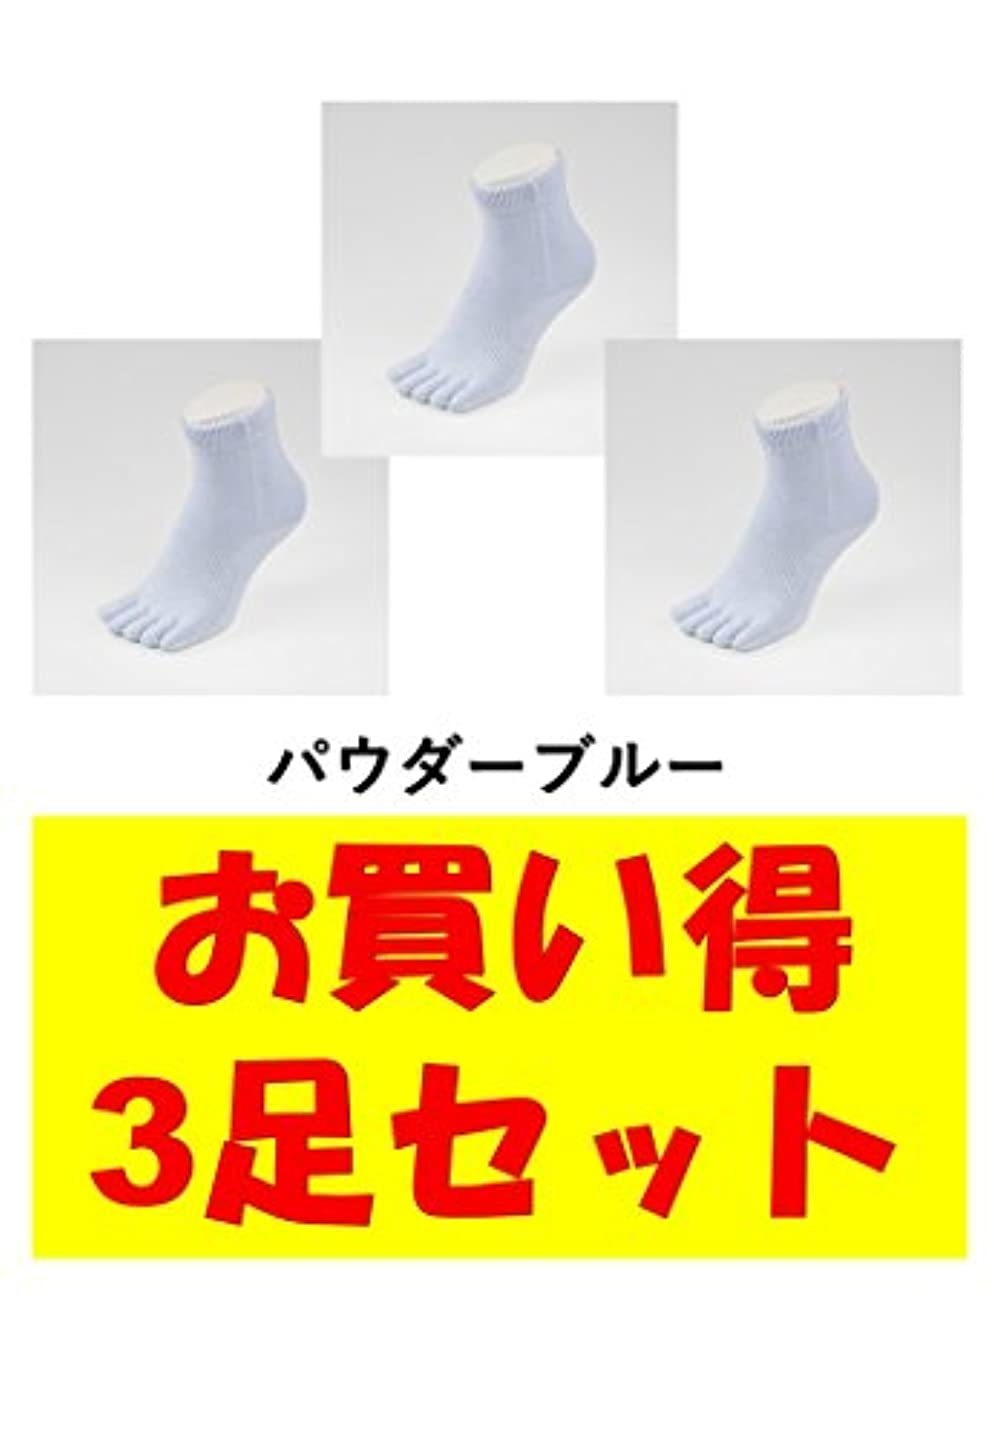 魔術師イデオロギー理容師お買い得3足セット 5本指 ゆびのばソックス Neo EVE(イヴ) パウダーブルー Sサイズ(21.0cm - 24.0cm) YSNEVE-PBL